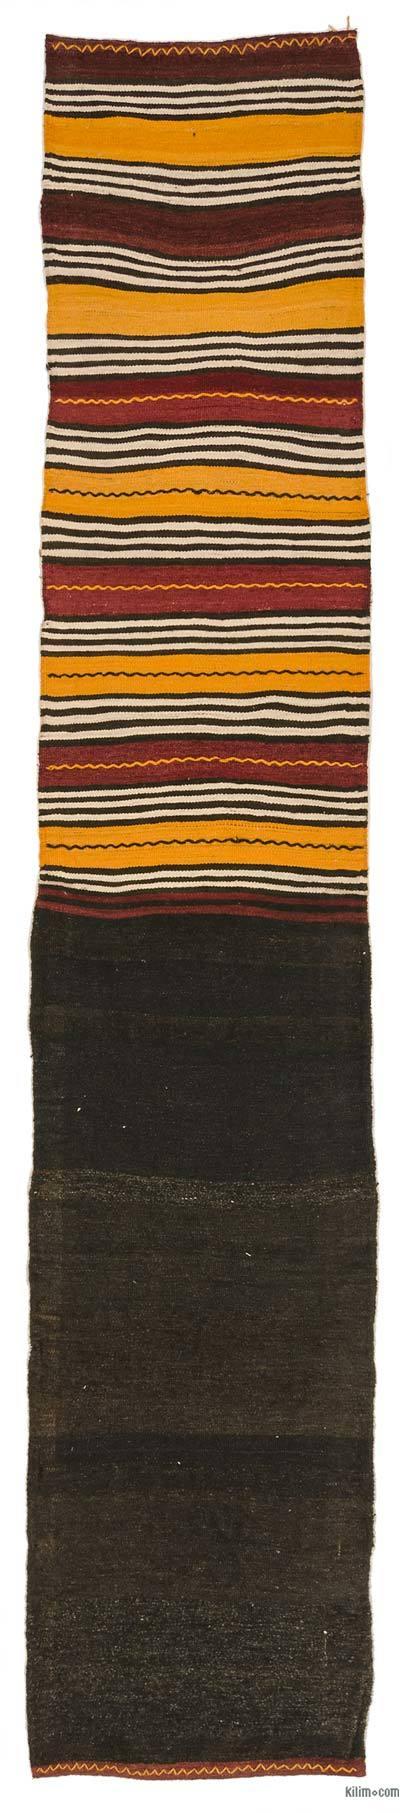 Marrón Kilim Vintage Turco De Pasillo - 65 cm x 326 cm